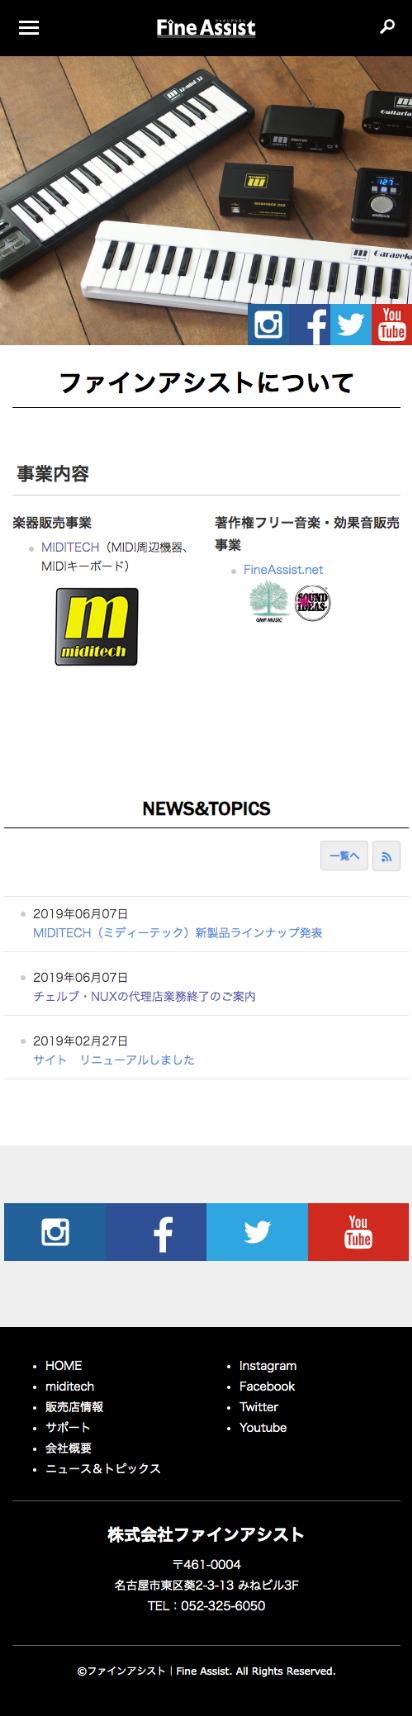 ホームページ(スマートフォン)の画面イメージ